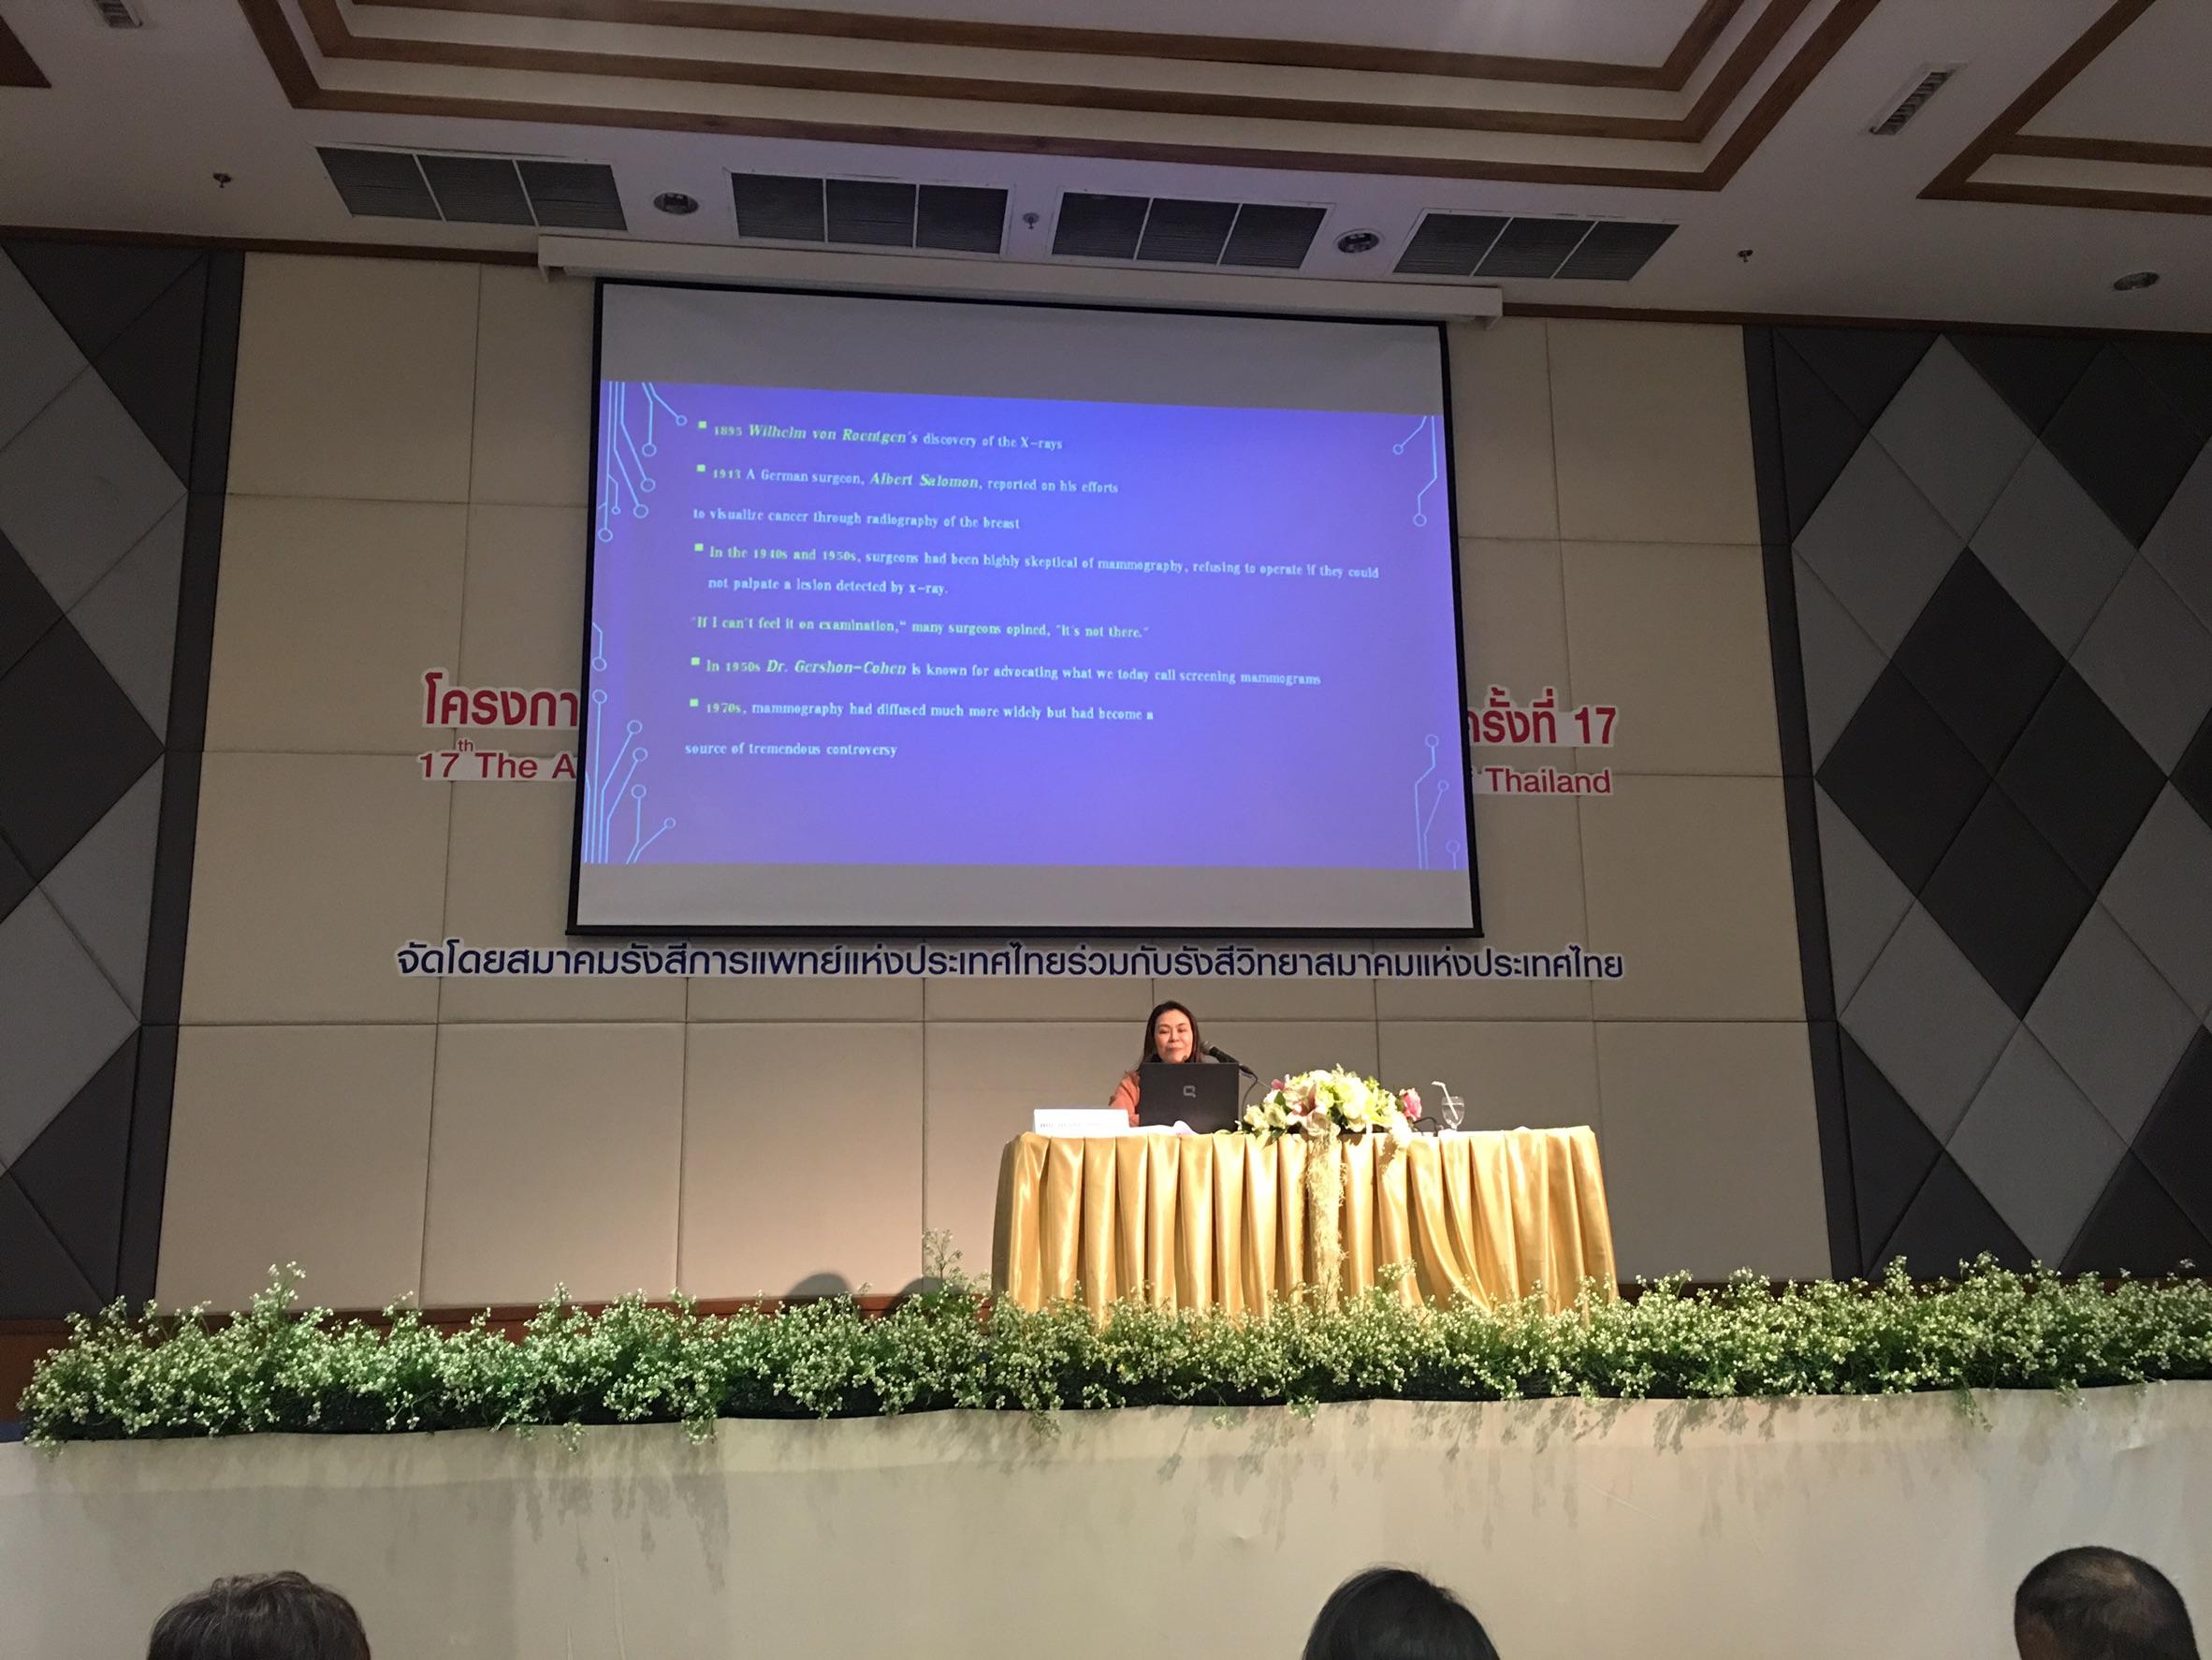 ประชุมวิชาการร่วมกับรังสีการแพทย์แห่งประเทศไทย ครั้งที่17 27-29 พ.ย. - พร้อมเข้าเยี่ยมและให้กำลังใจหน่วยงานรังสีวิทยาในพื้นที่จังหวัดอุบลราชธานีระหว่างวันที่ 25-26 พฤศจิกายน 2562 36